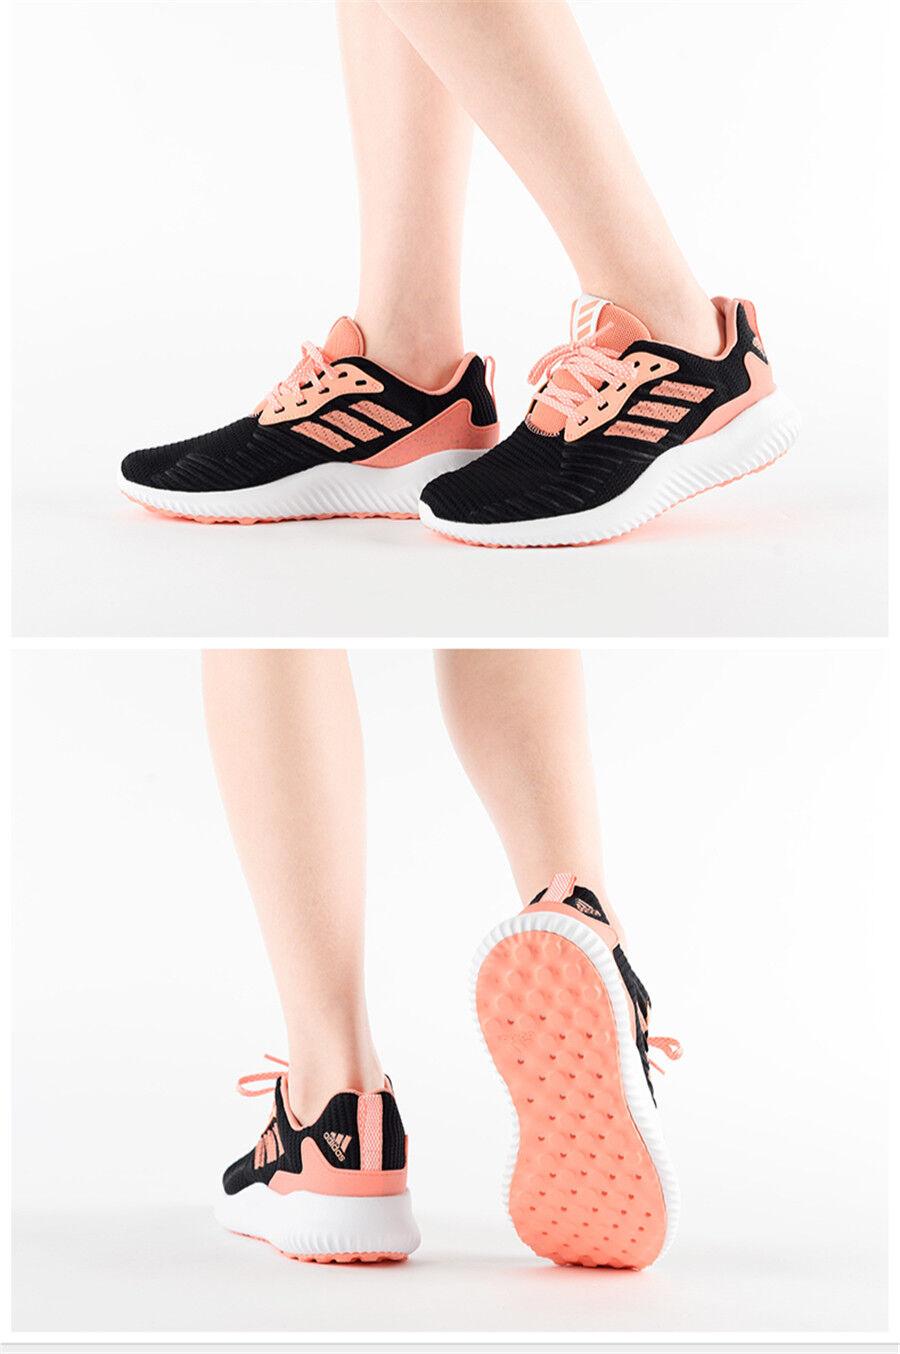 - pennino - adidas aumentare alphabounce rc scarpe risposta aumentare adidas l'facendo palestra - donna taglia 9 52bbc1